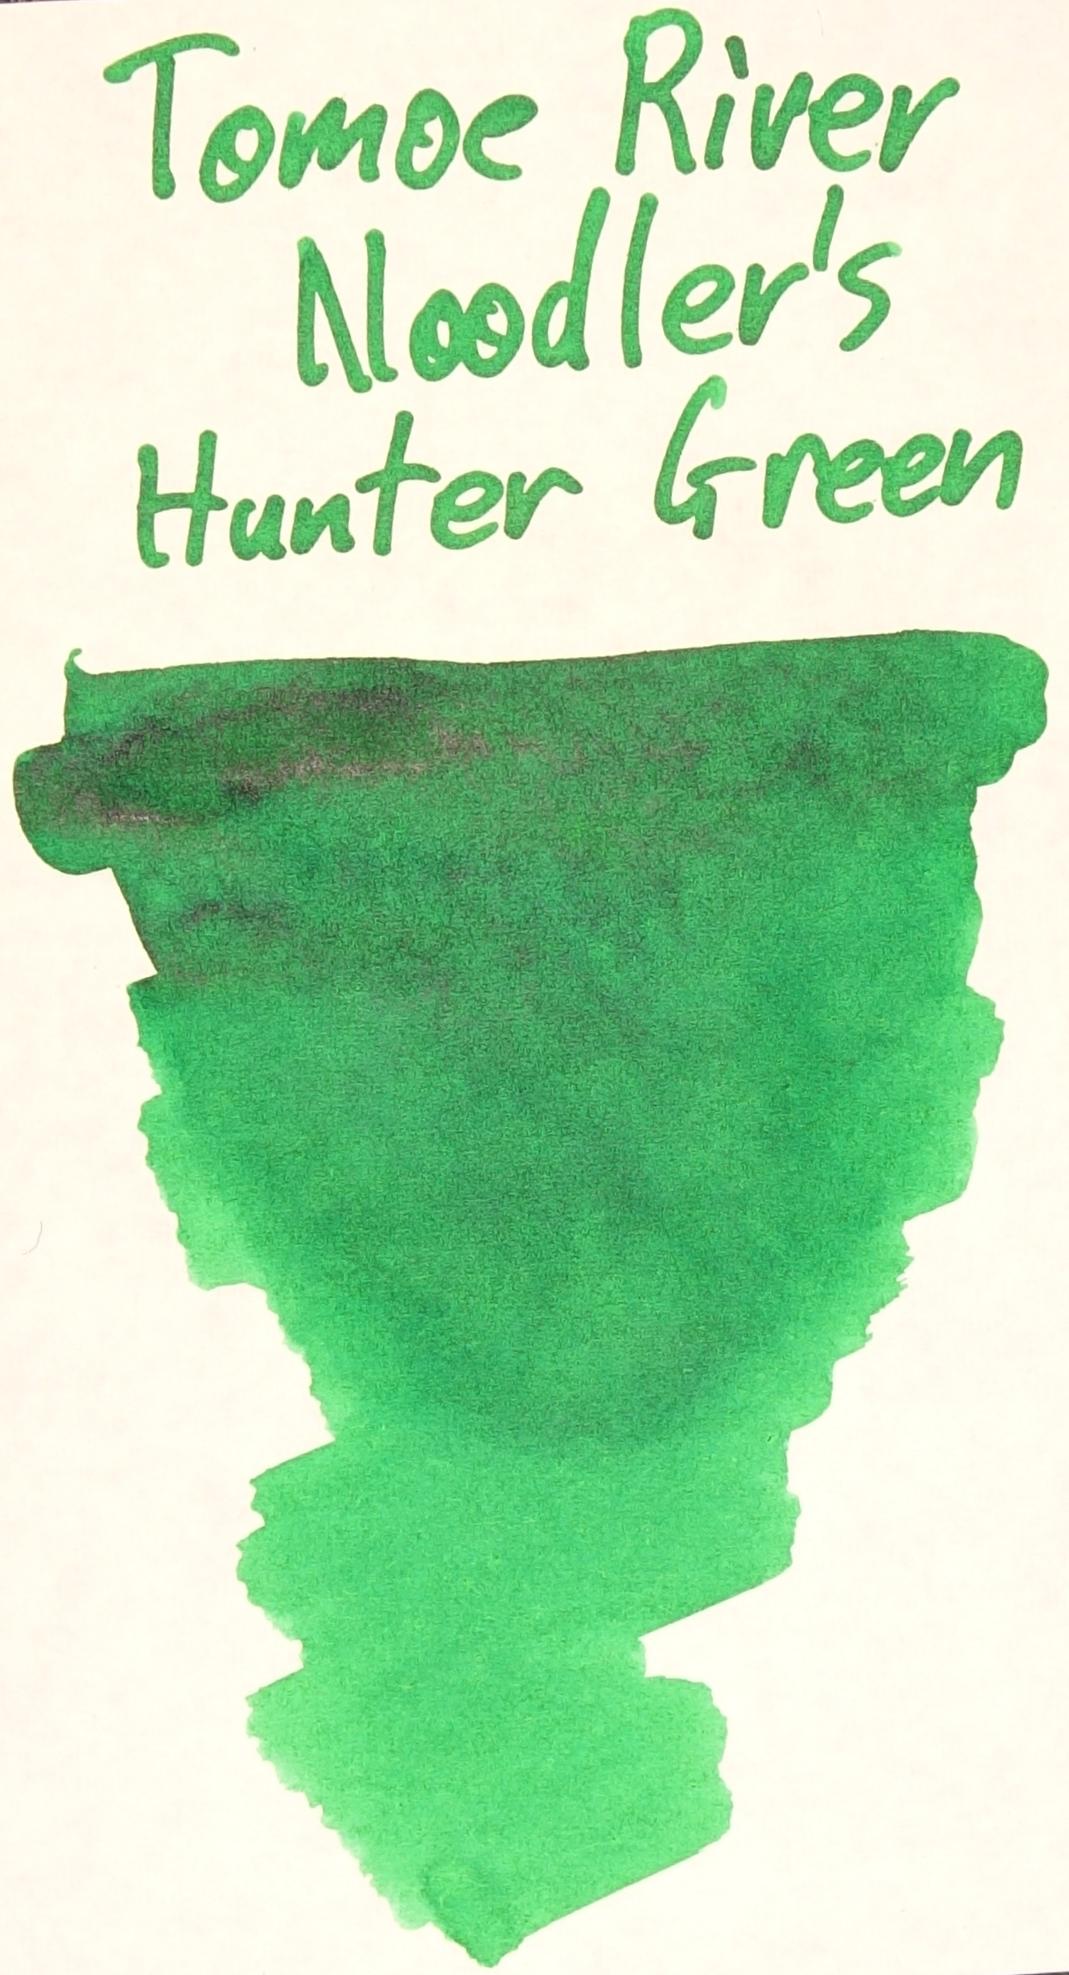 Noodler's Hunter Green Tomoe River.jpg